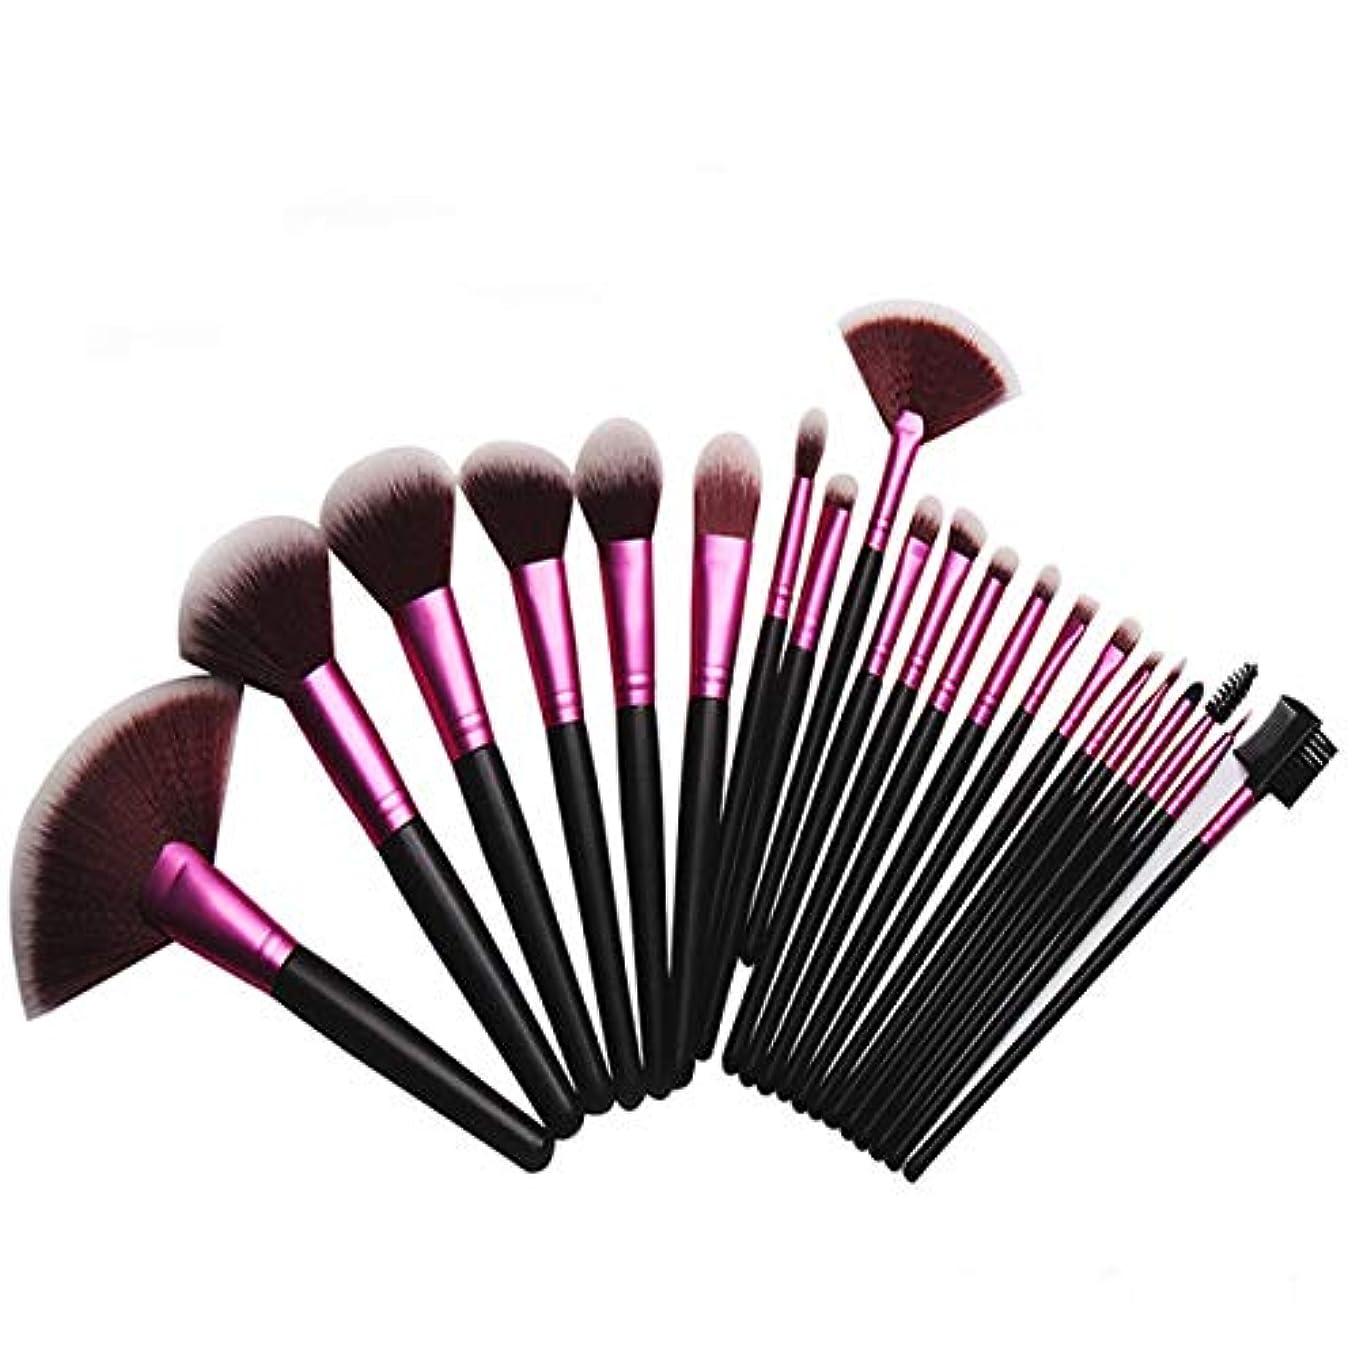 スリンクブラスト靄XIAOCHAOSD 21個化粧ブラシセットブラシファンデーションブラシチークブラシアイシャドウブラシリップブラシ高光沢ブラシセットブラシ